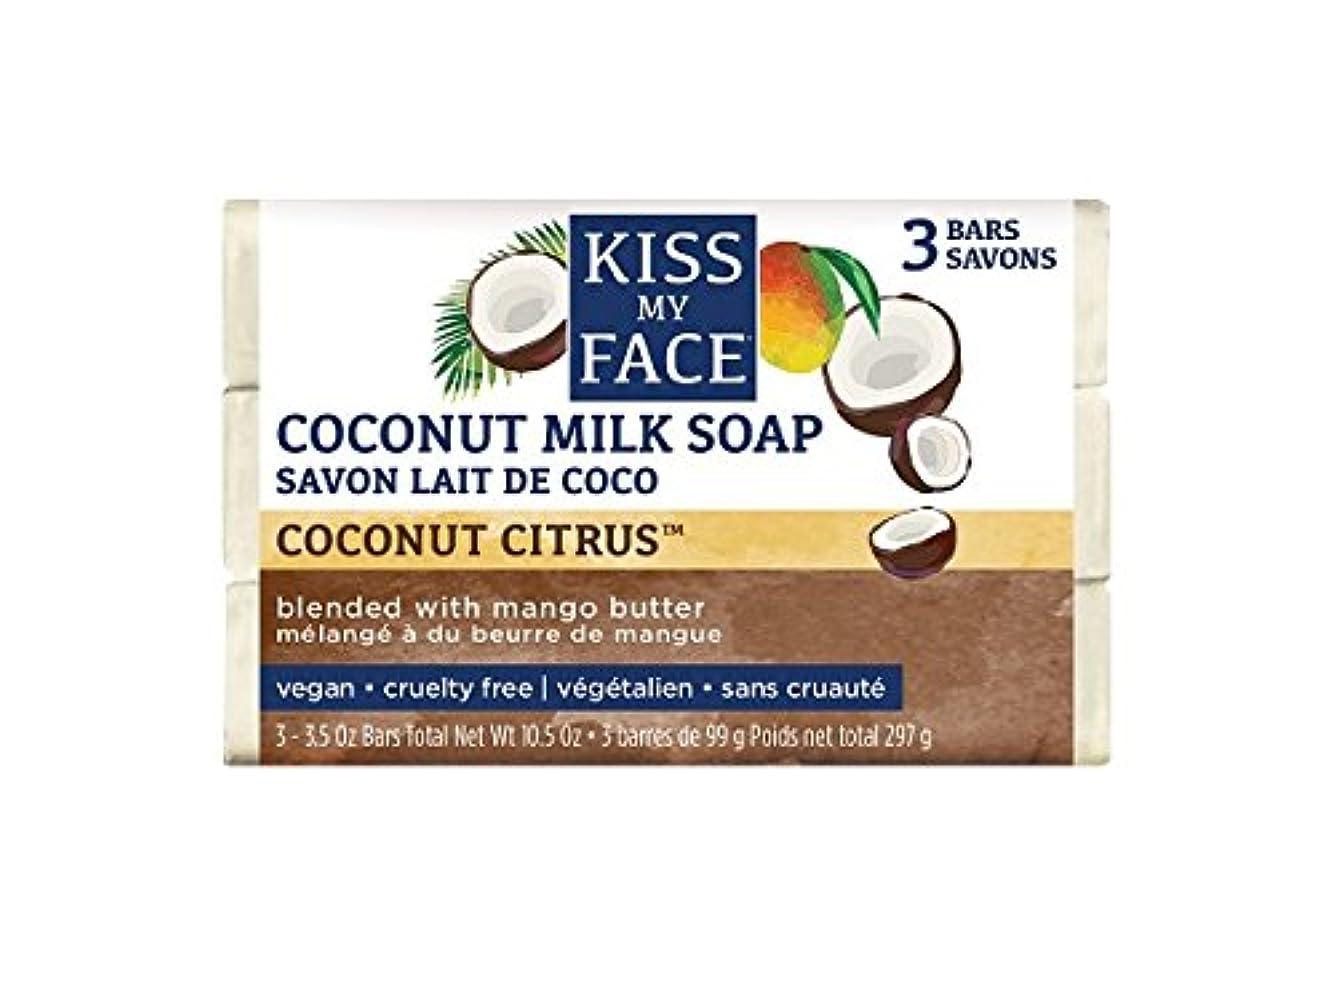 ボット乱す取り替えるKiss My Face - ココナッツミルク棒石鹸 - 3パック - 10.5ポンド